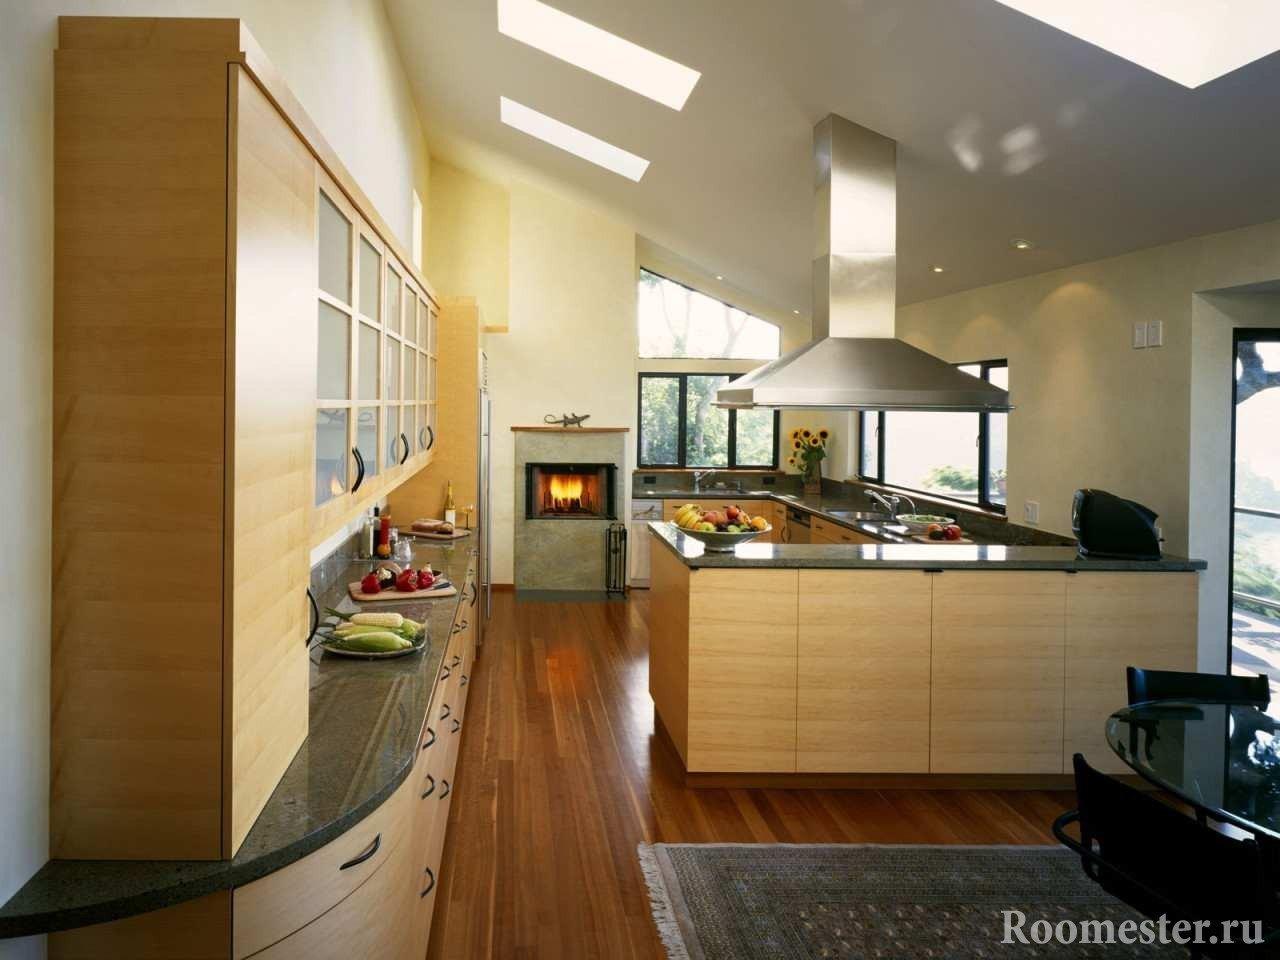 Камин в кухне